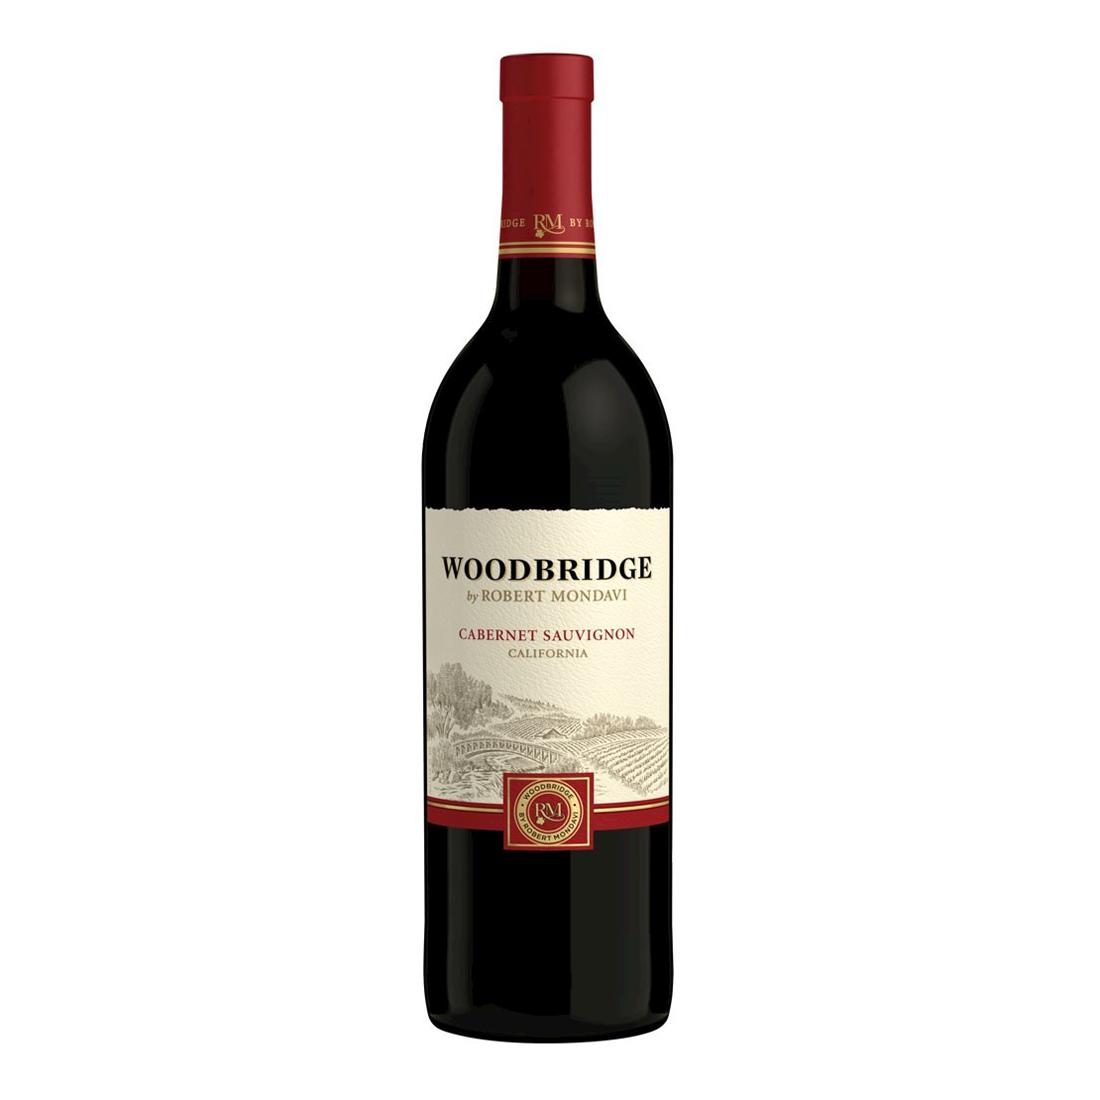 Vinho Woodbridge Robert Mondavi Cabernet Sauvignon 750 ml